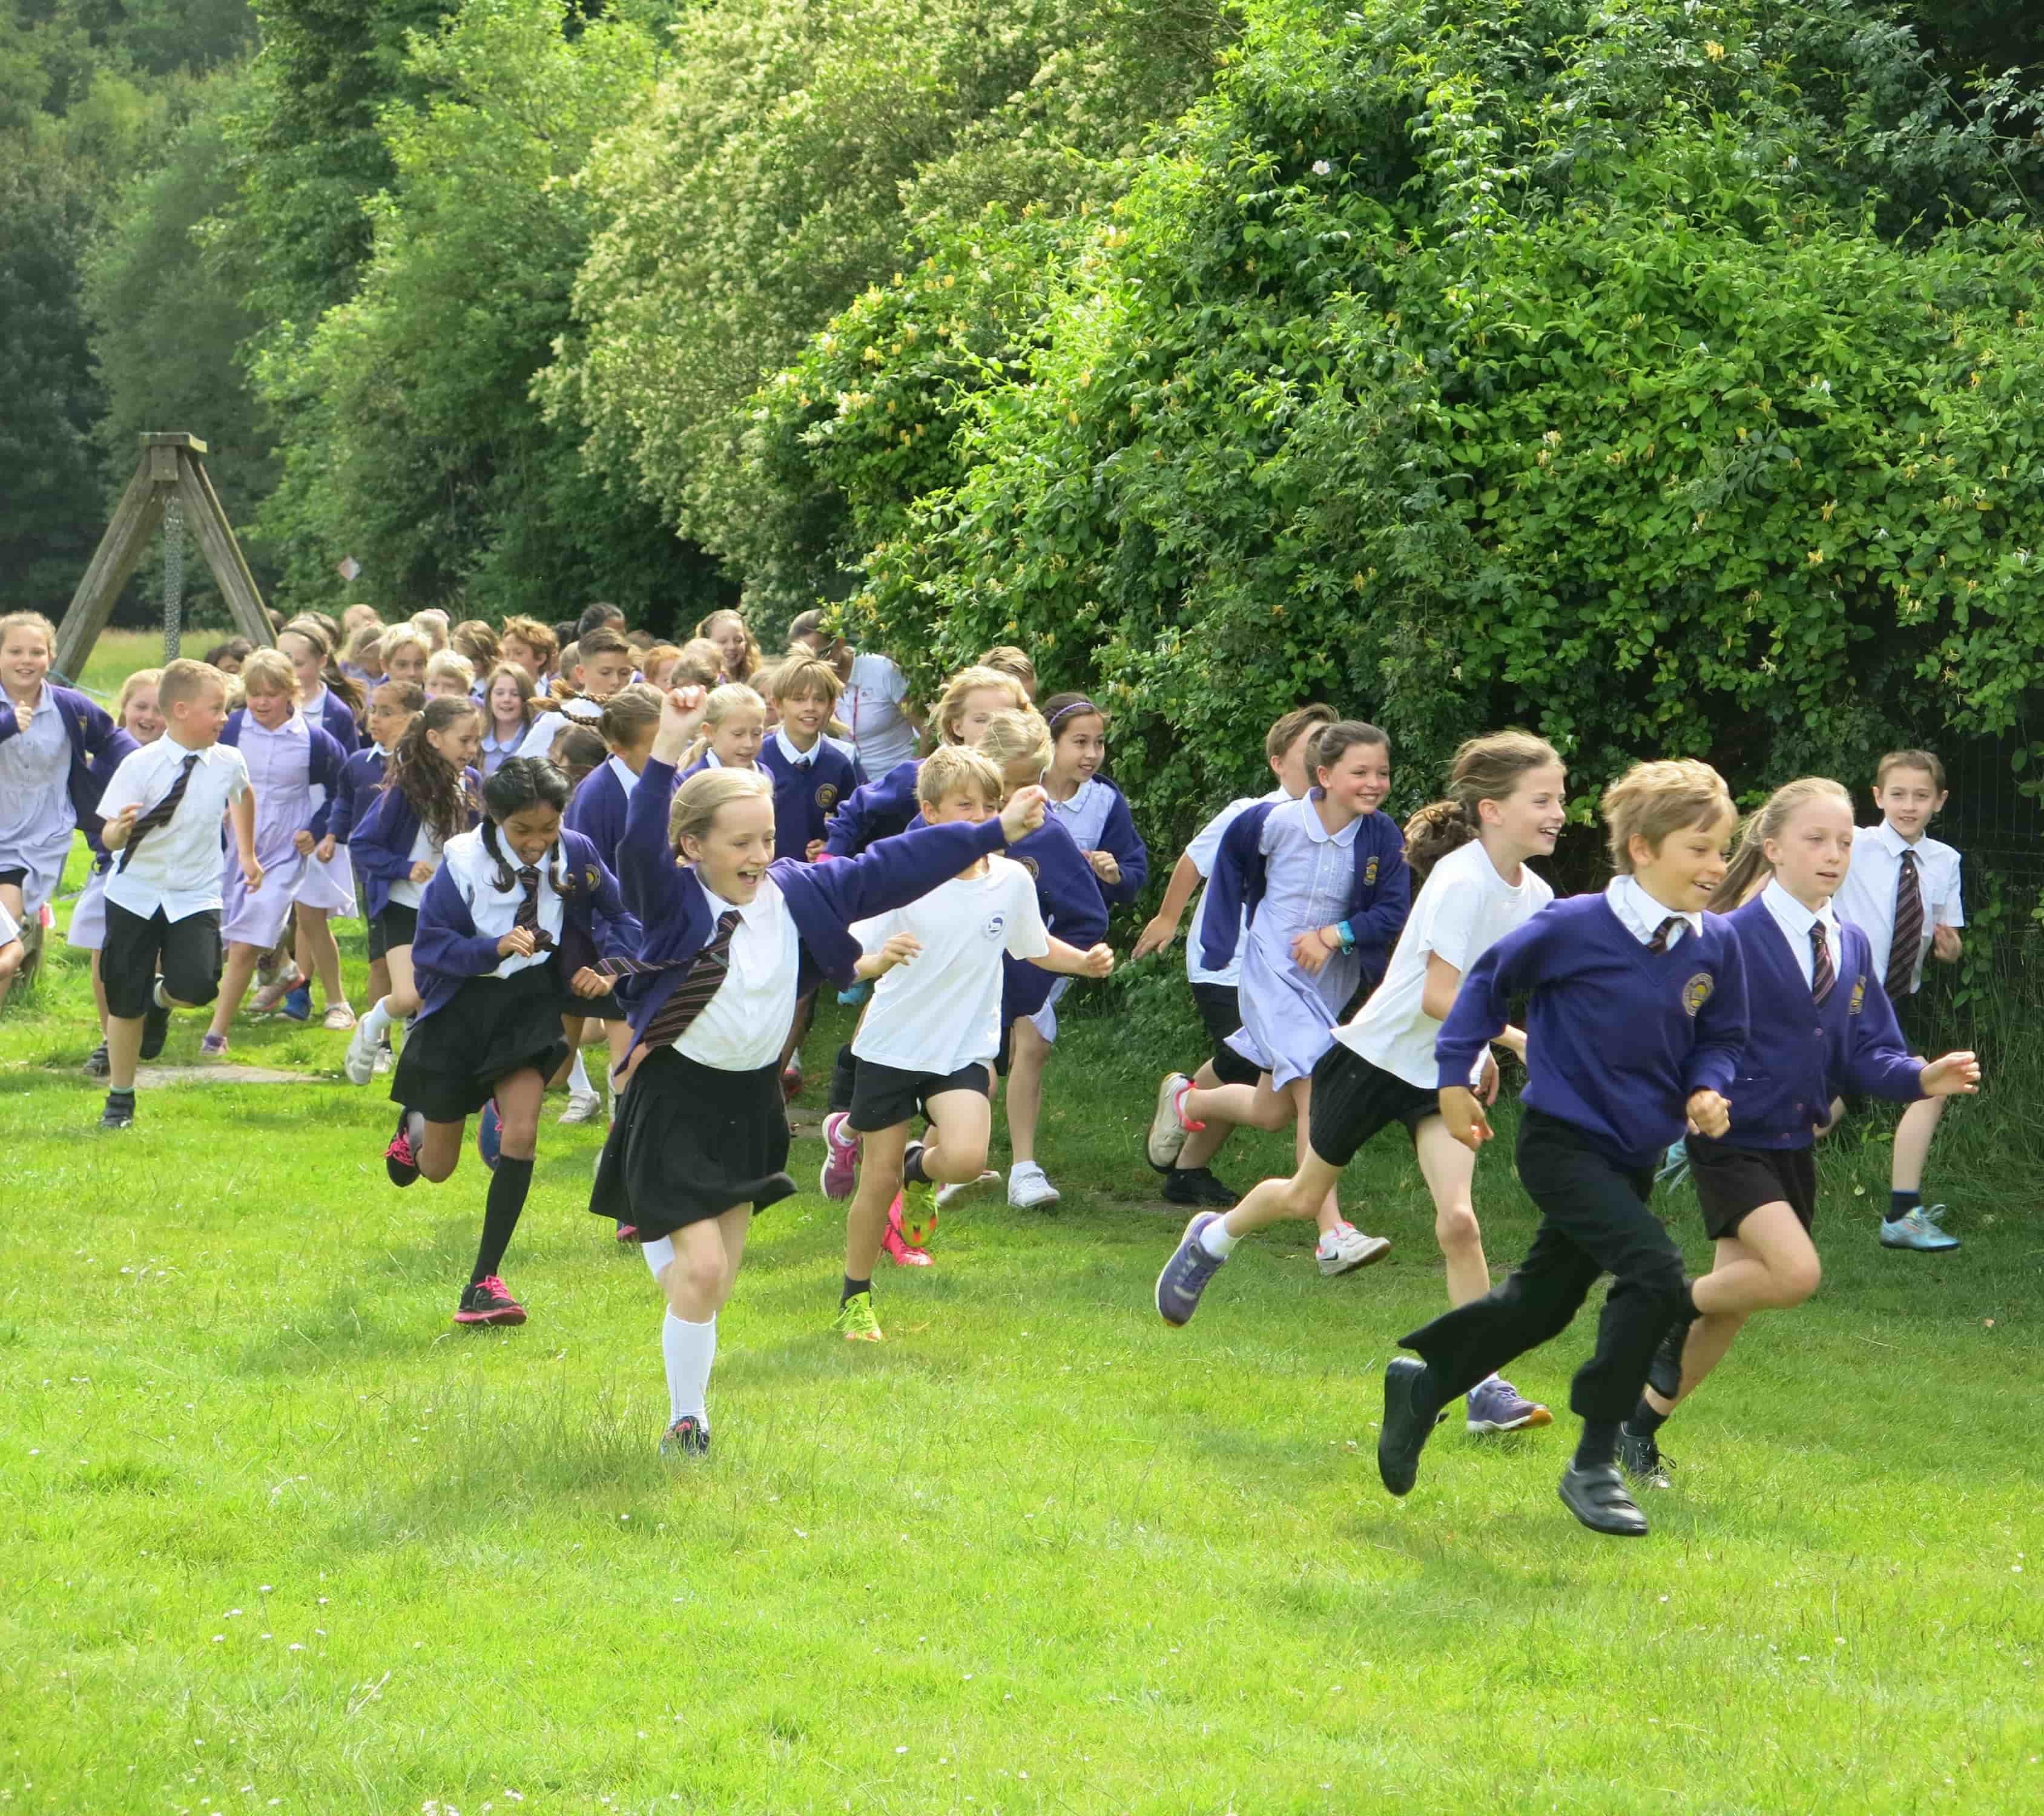 Children enjoying running around school field